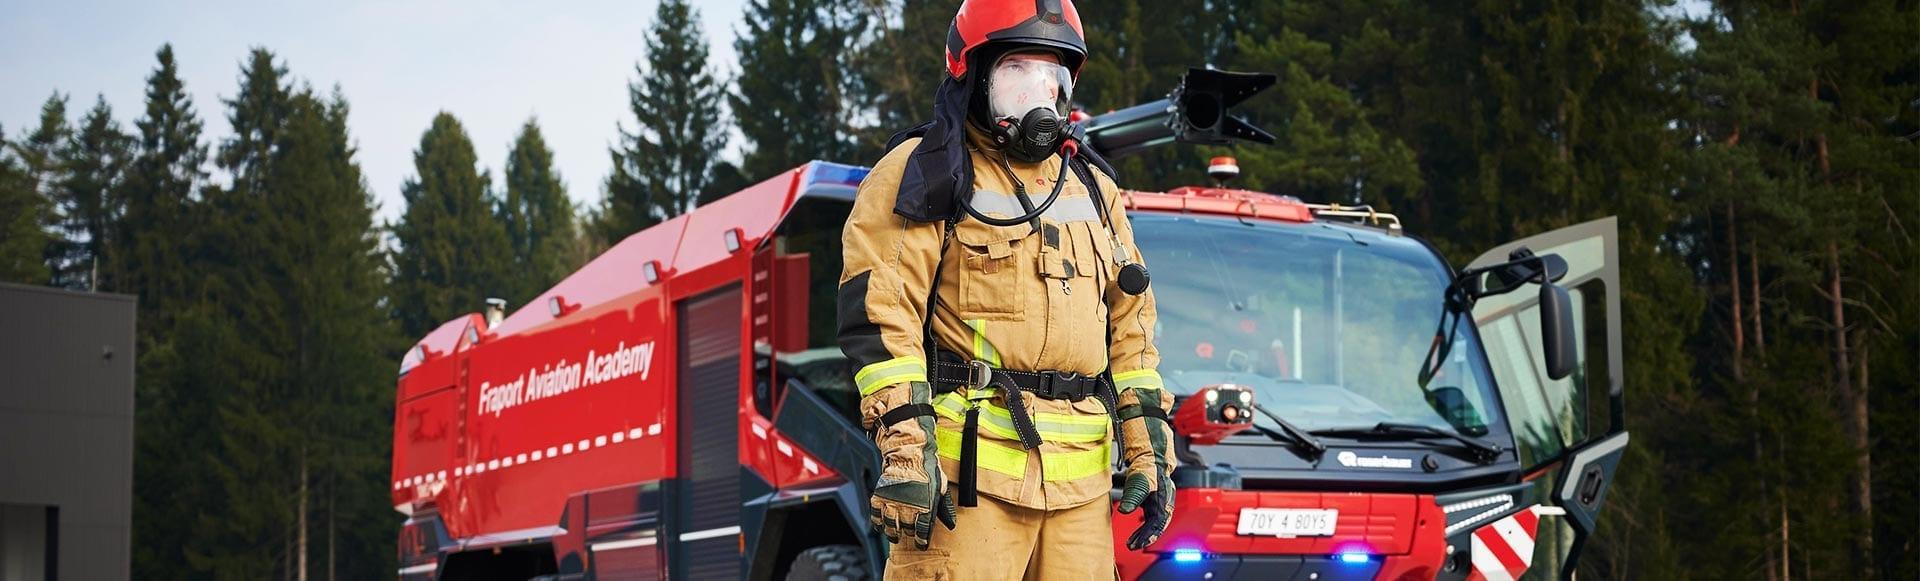 Die Schutzkleidung der Einsatzkräfte der Feuerwehr muss nach jedem Einsatz fachgerecht gereinigt werden.